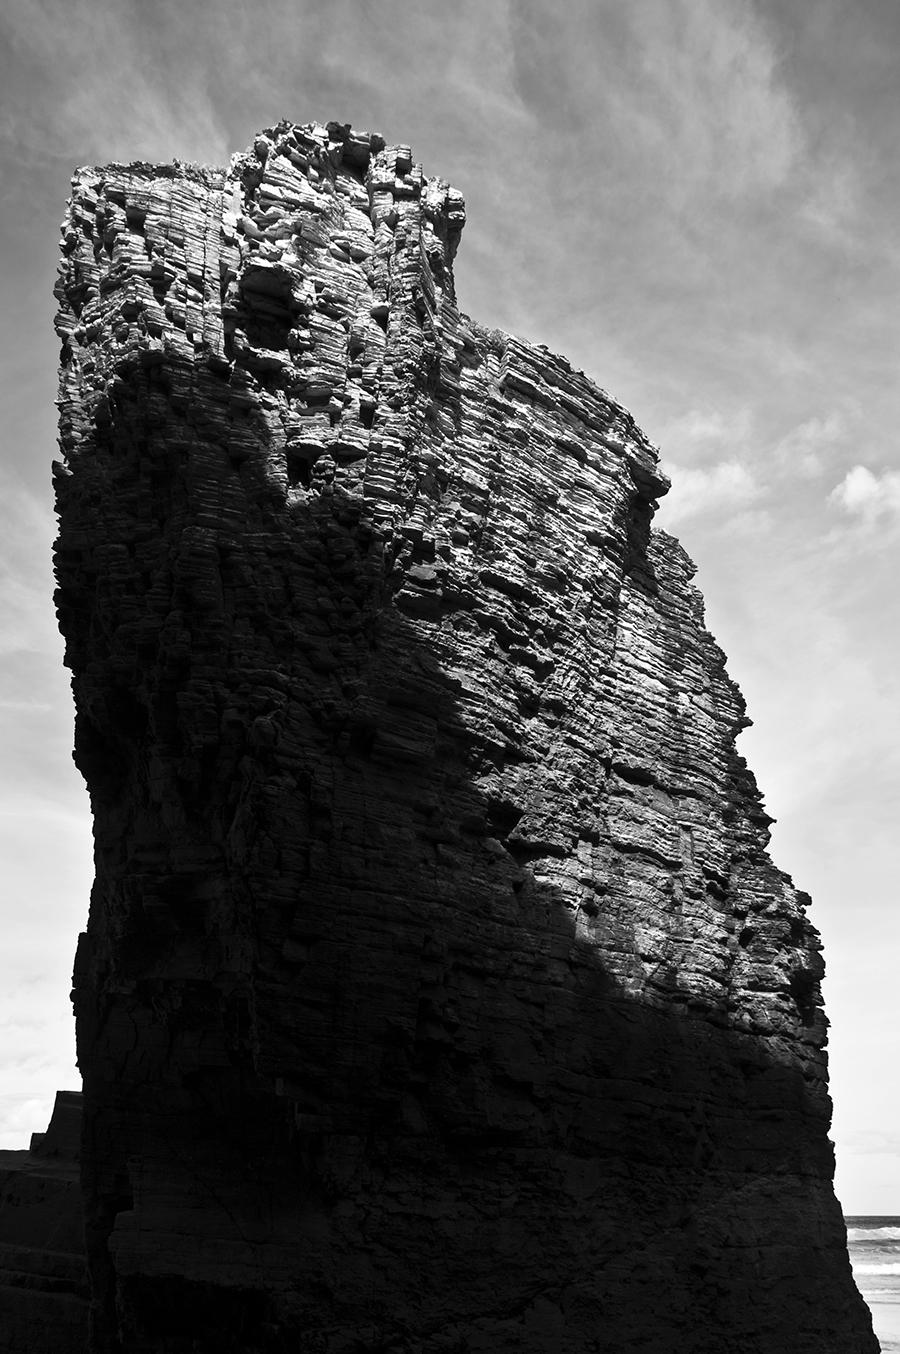 Roca iluminada | 2014 | Playa de Las Catedrales - Lugo, España - Illuminated rock | 2014 | Las Catedrales beach - Lugo, Spain - Miguel Naya | Photography